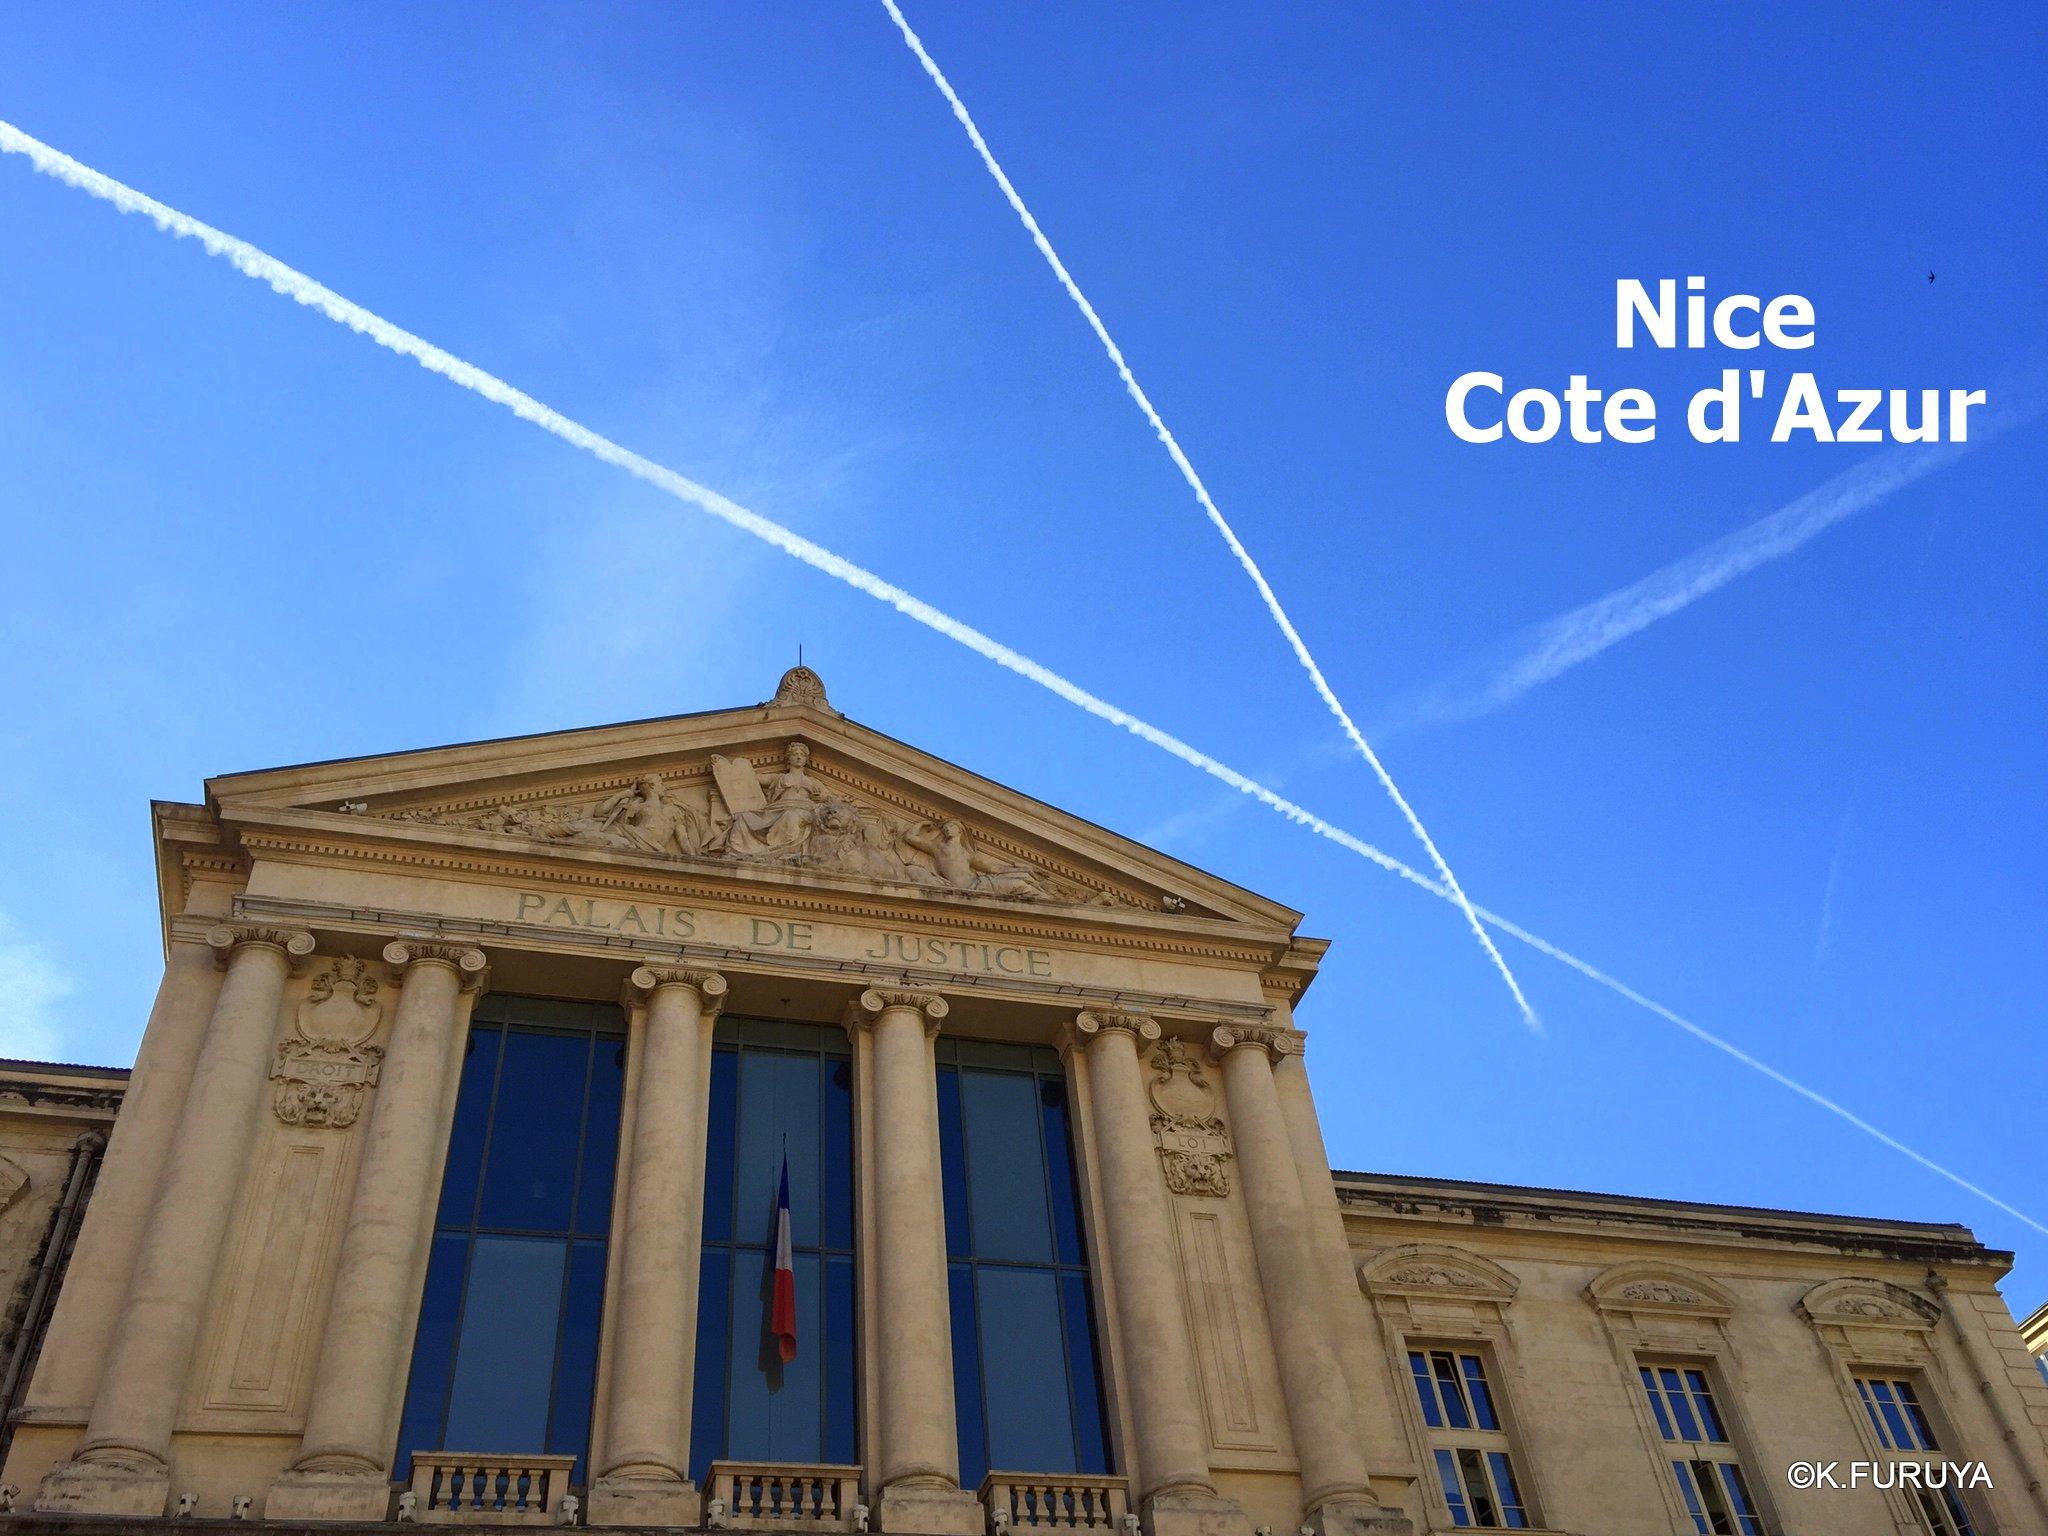 フランス周遊の旅 5  ニースでお散歩_a0092659_21413891.jpg